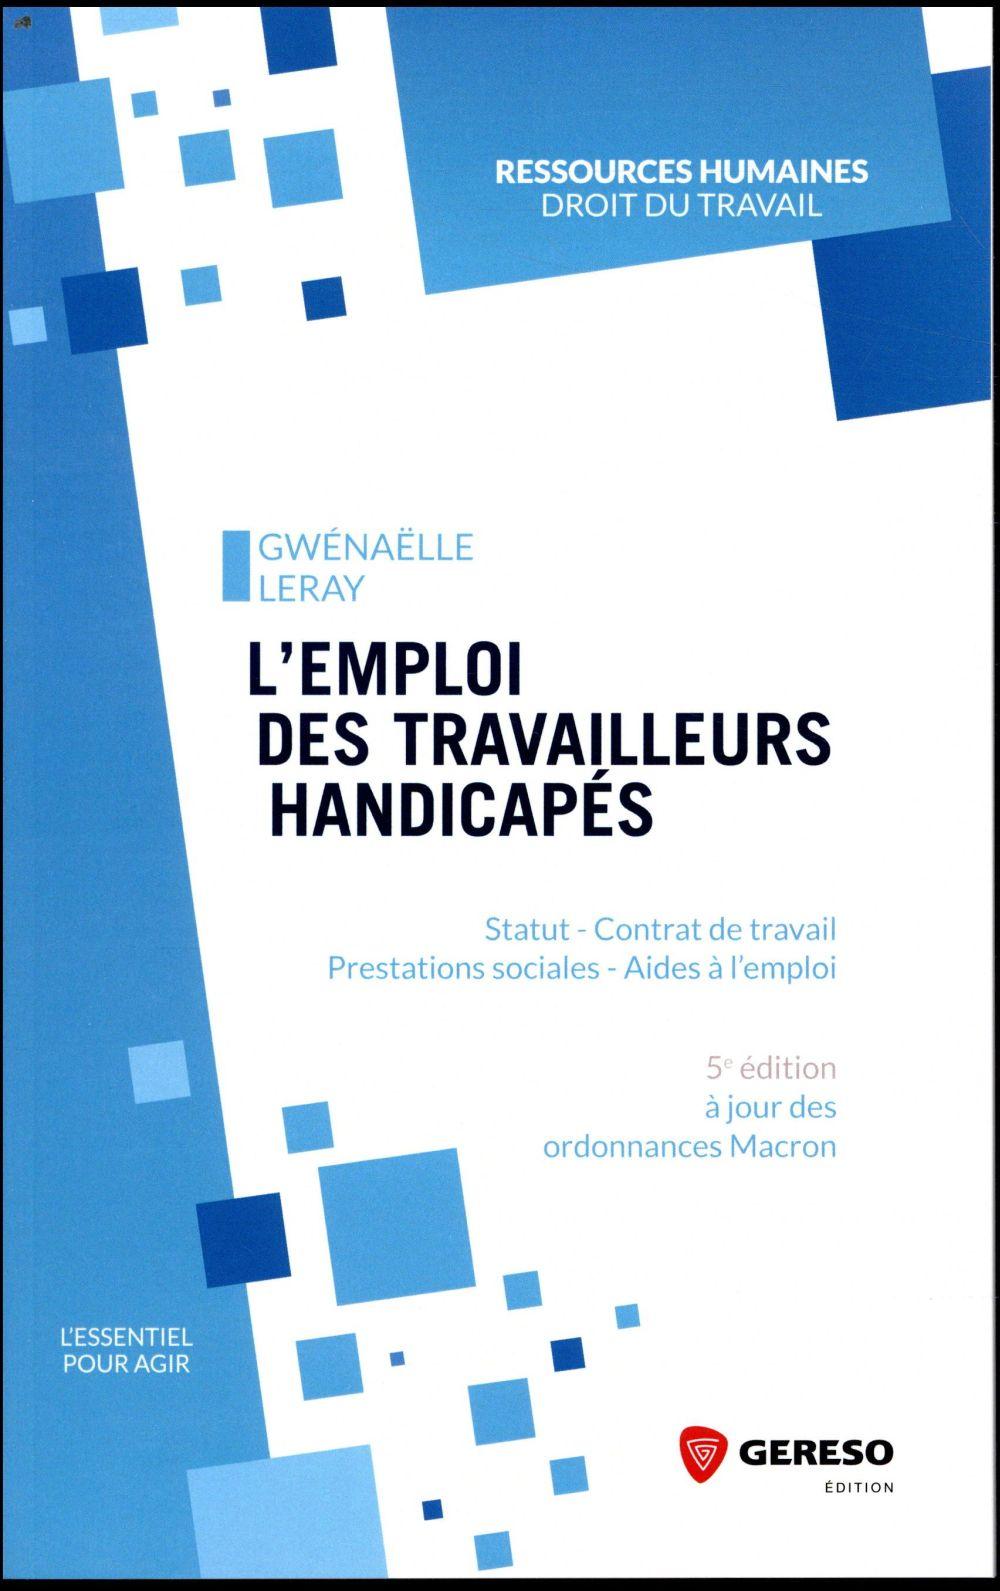 L EMPLOI DES TRAVAILLEURS HANDICAPES